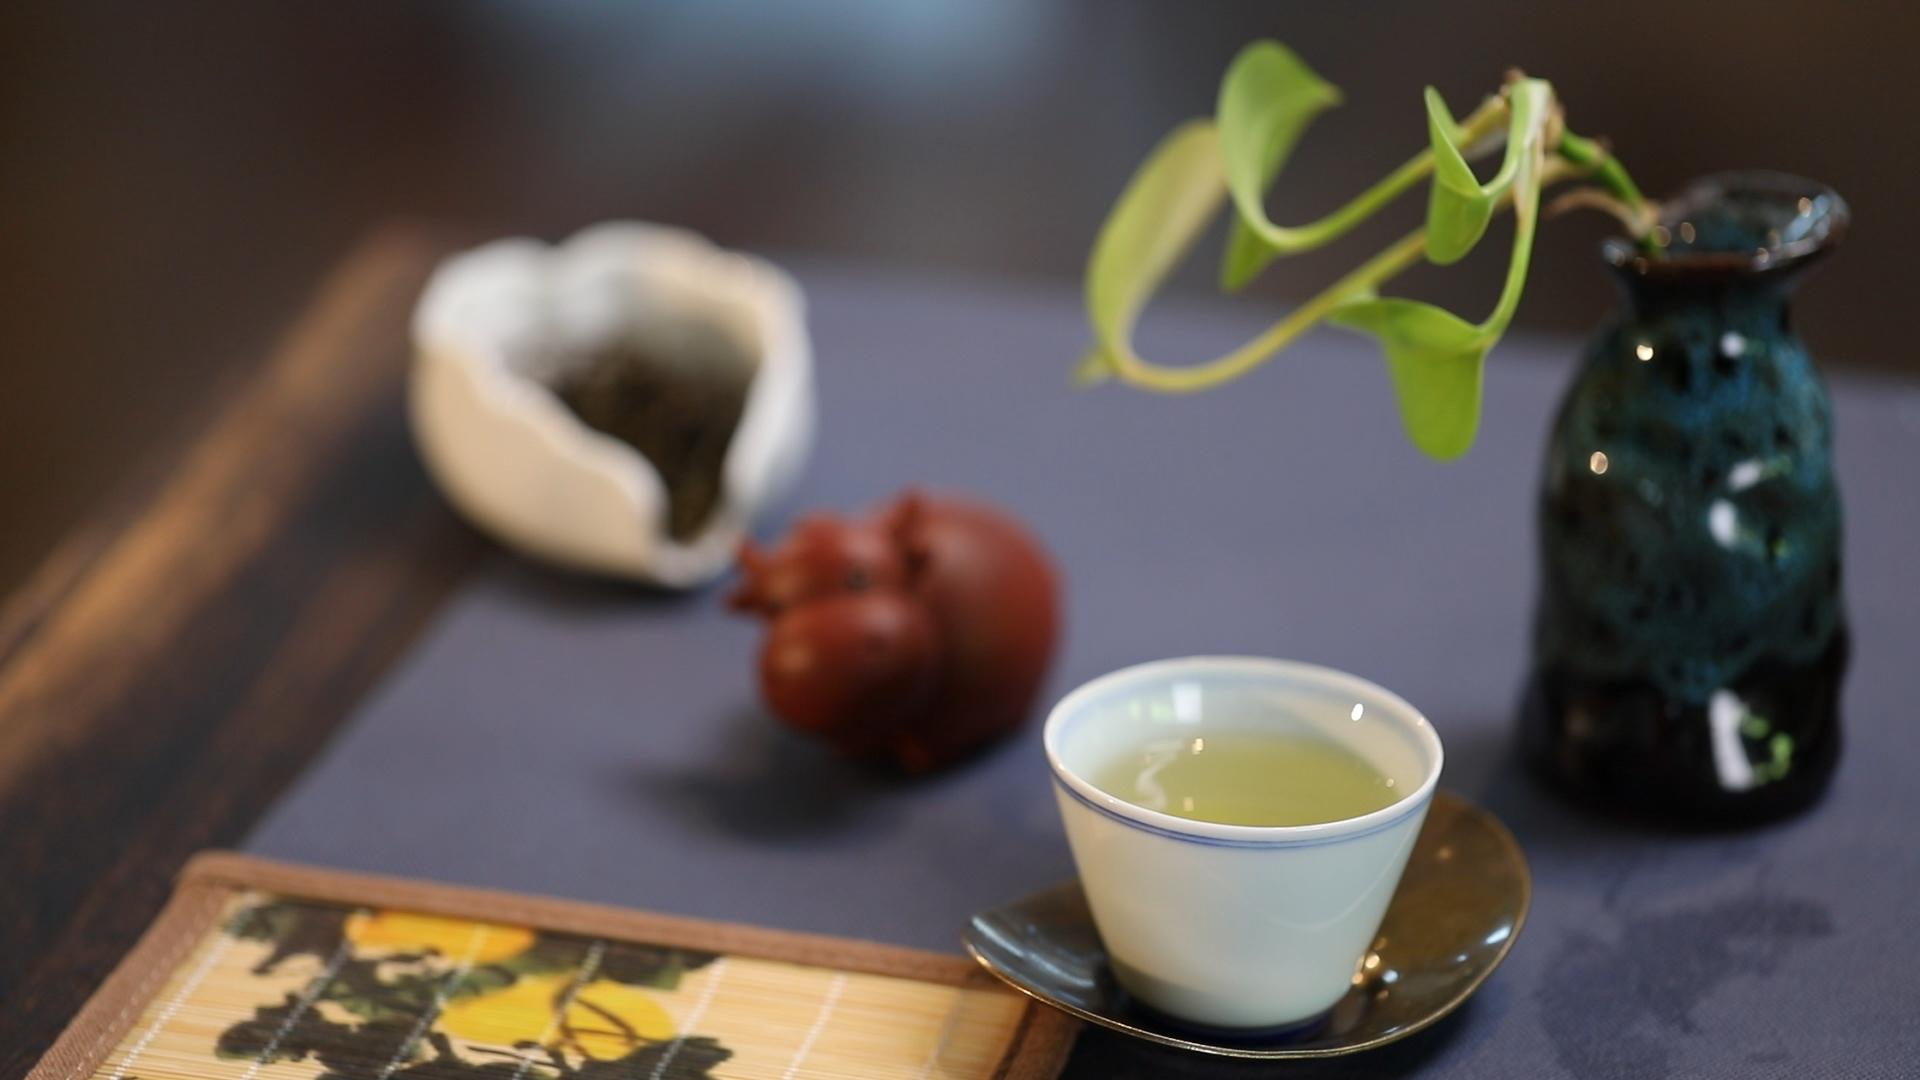 秋分:黄茶会成为茶叶圈的新宠吗?